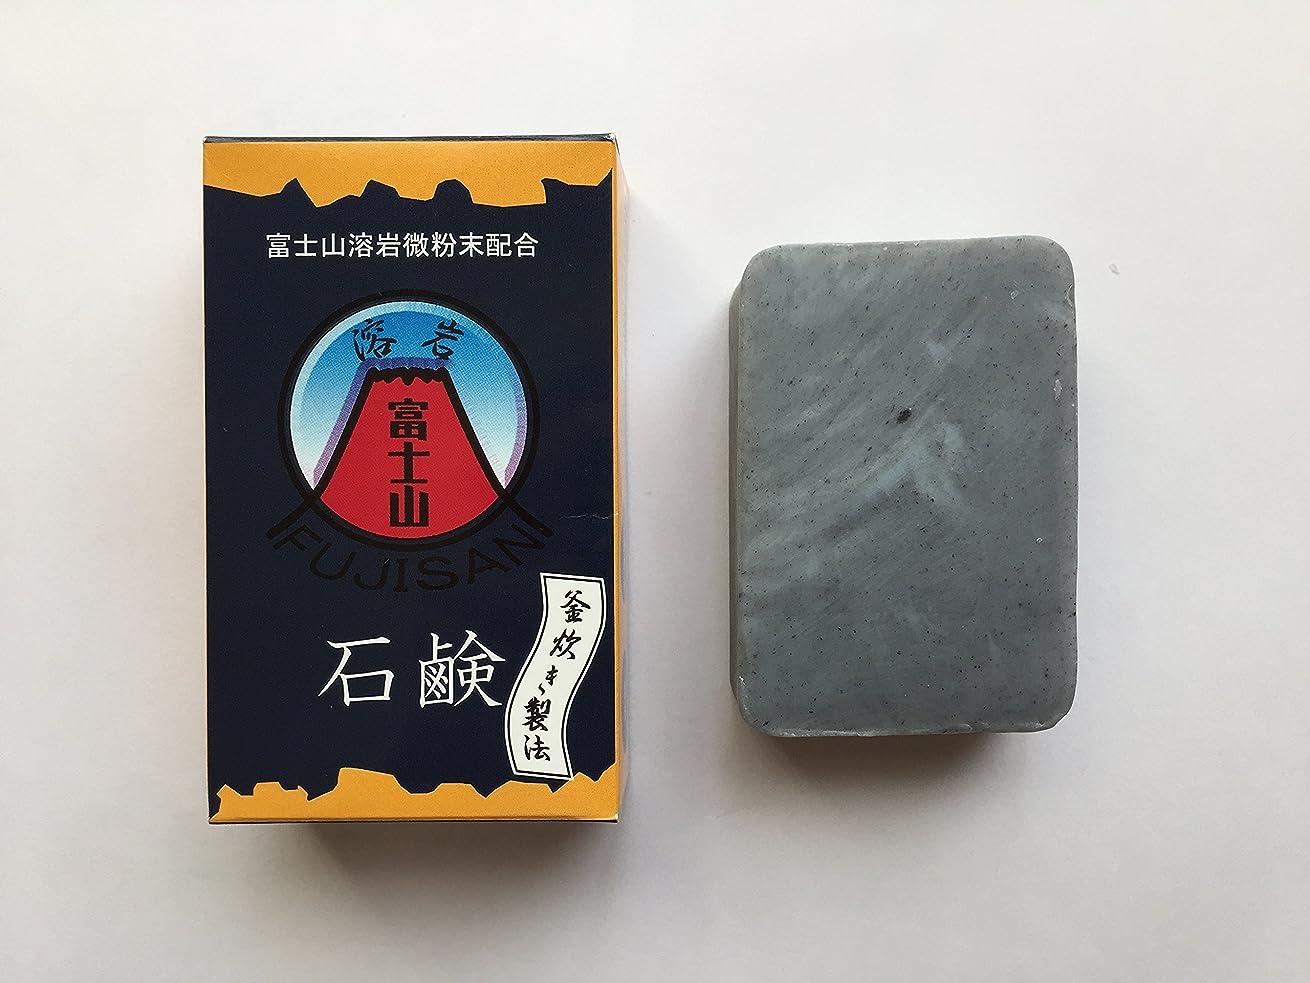 ショップ宇宙のテンション富士山溶岩石鹸 80g/個×3個セット